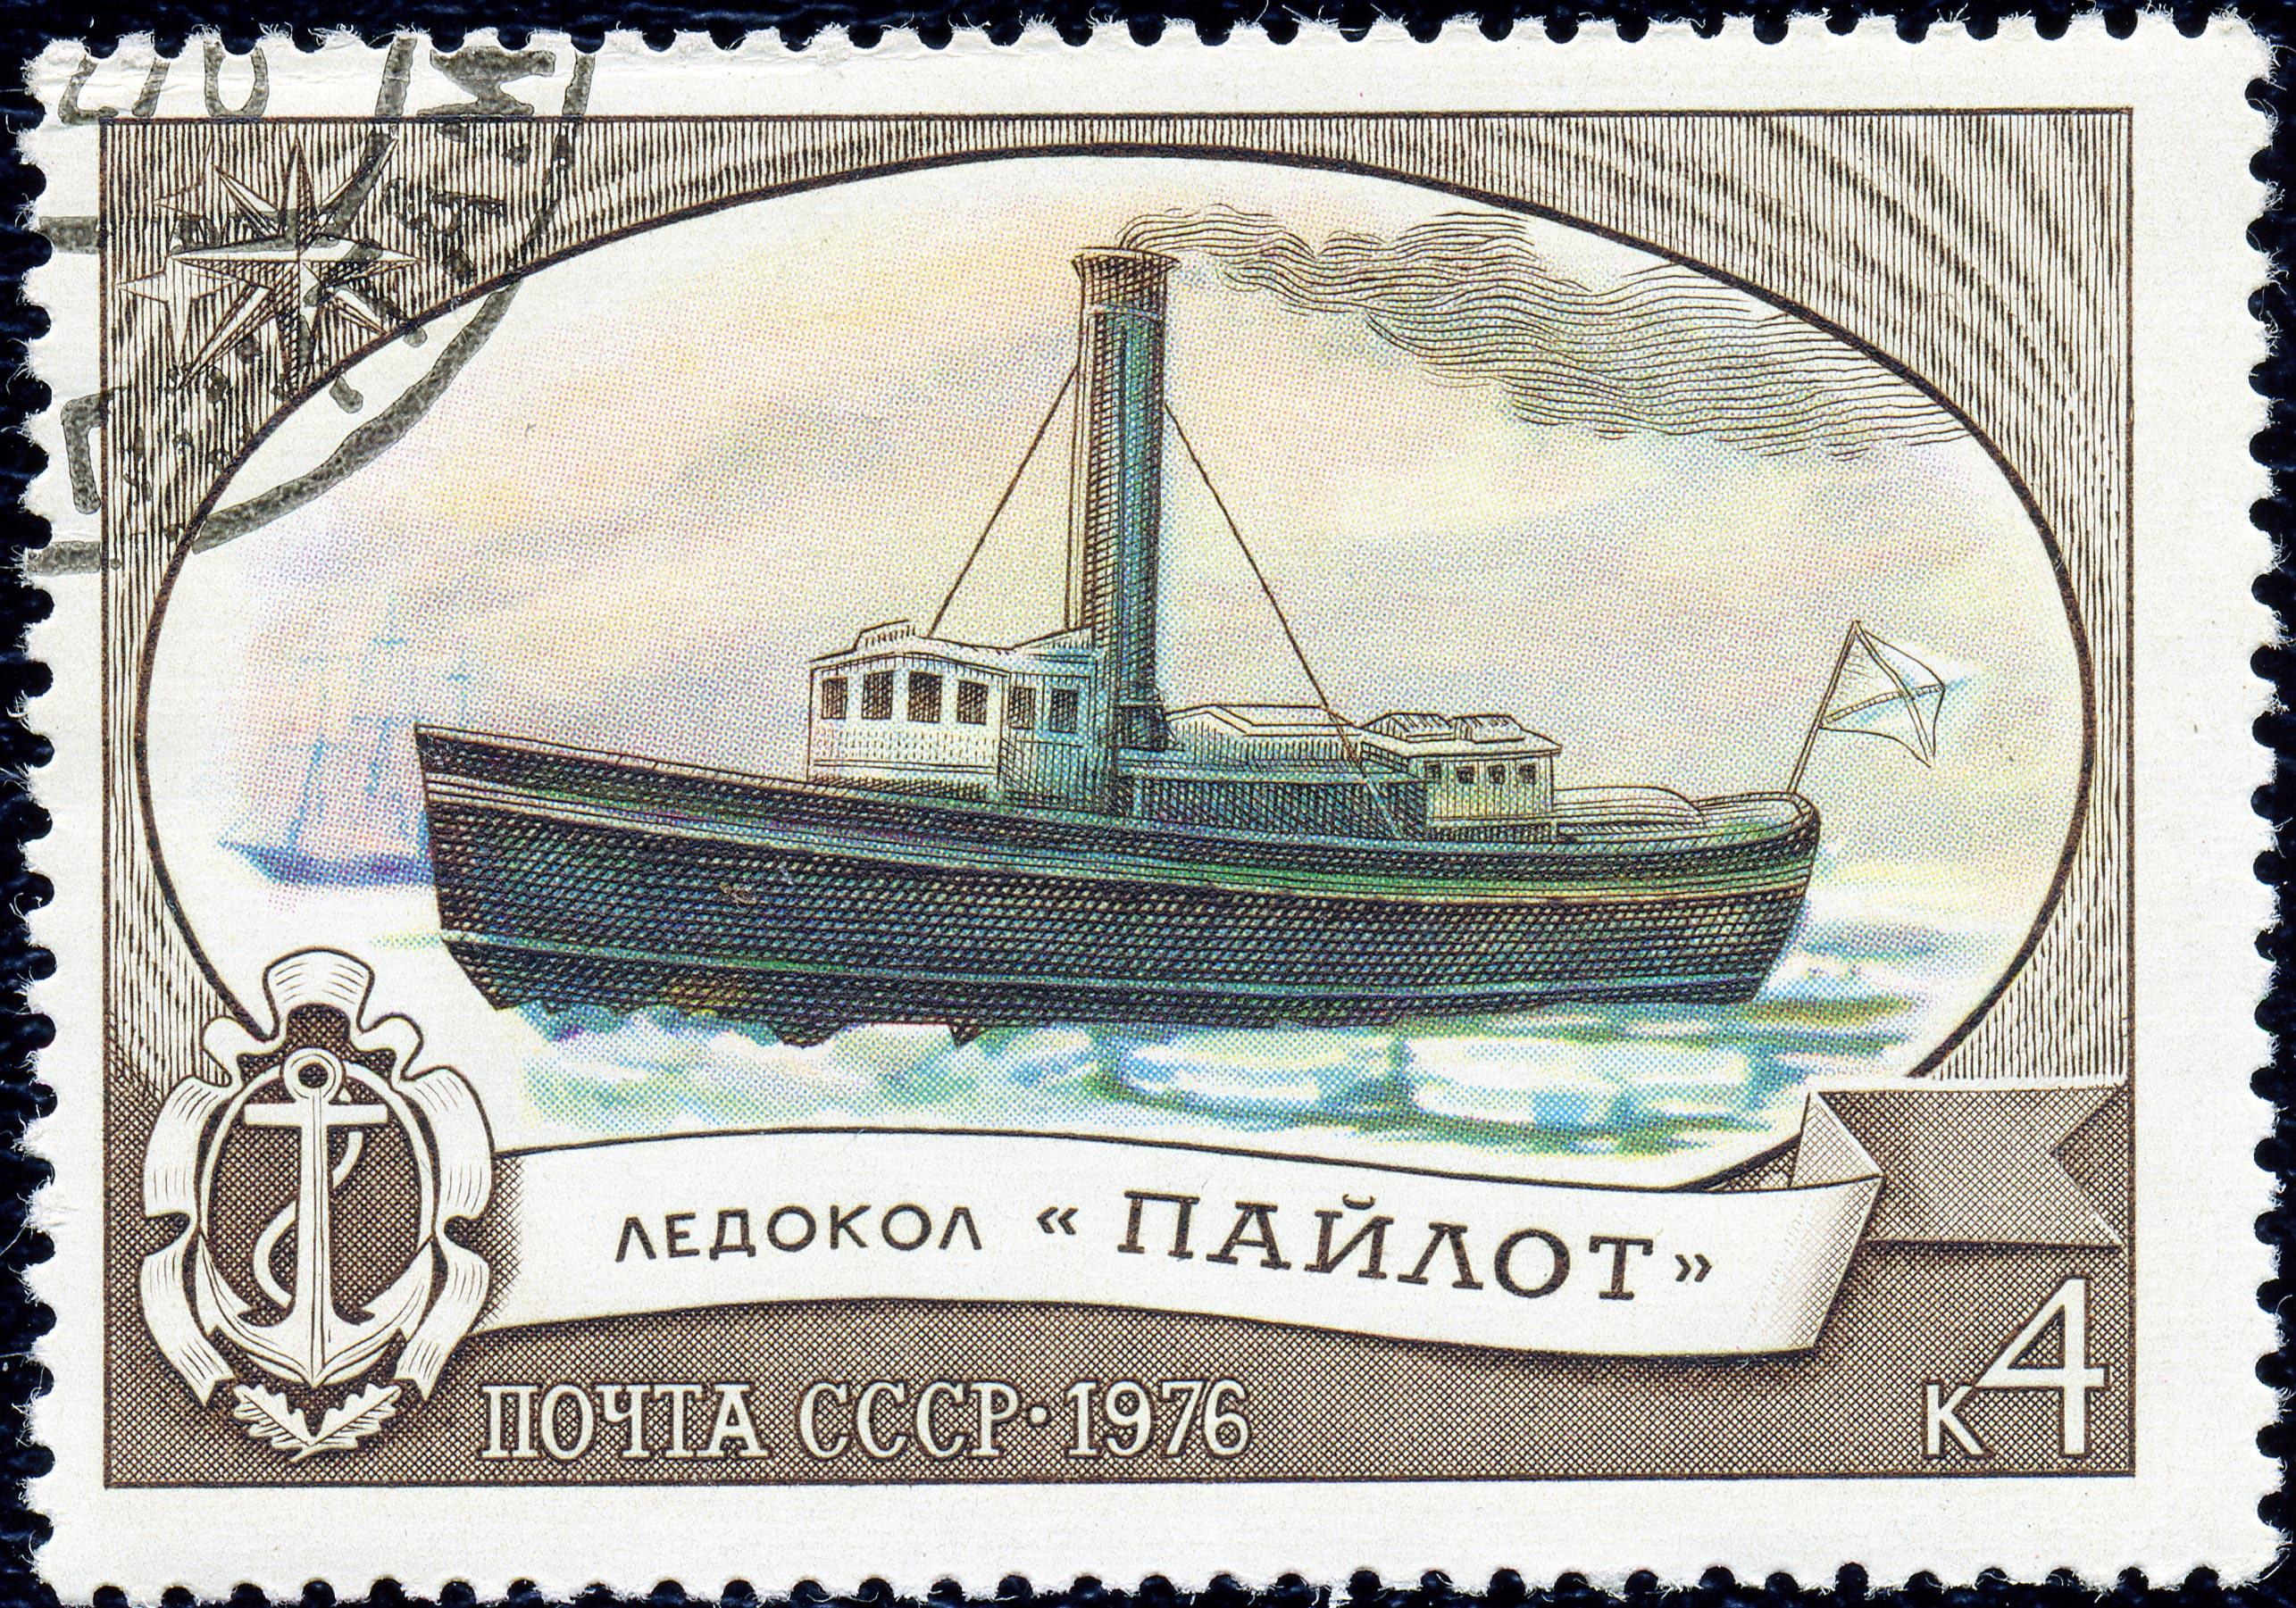 Совесткая марка в память оледоколе «Пайлот».